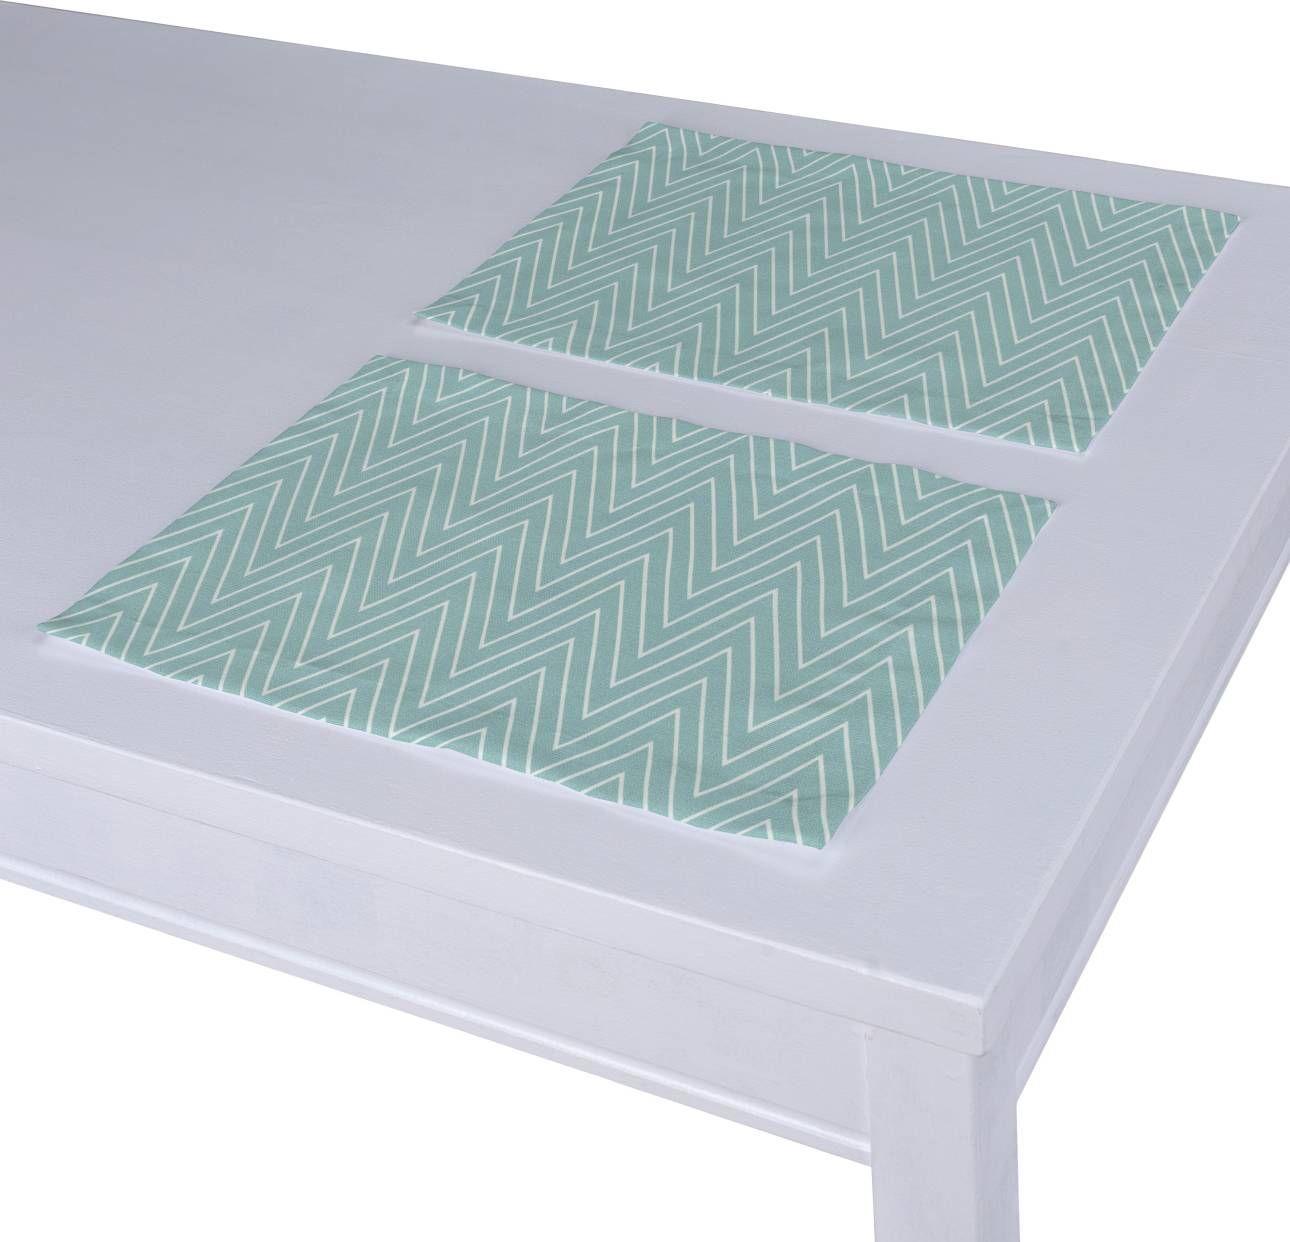 Podkładka 2 sztuki, białe zygzaki na miętowym tle, 40 x 30 cm, Comics